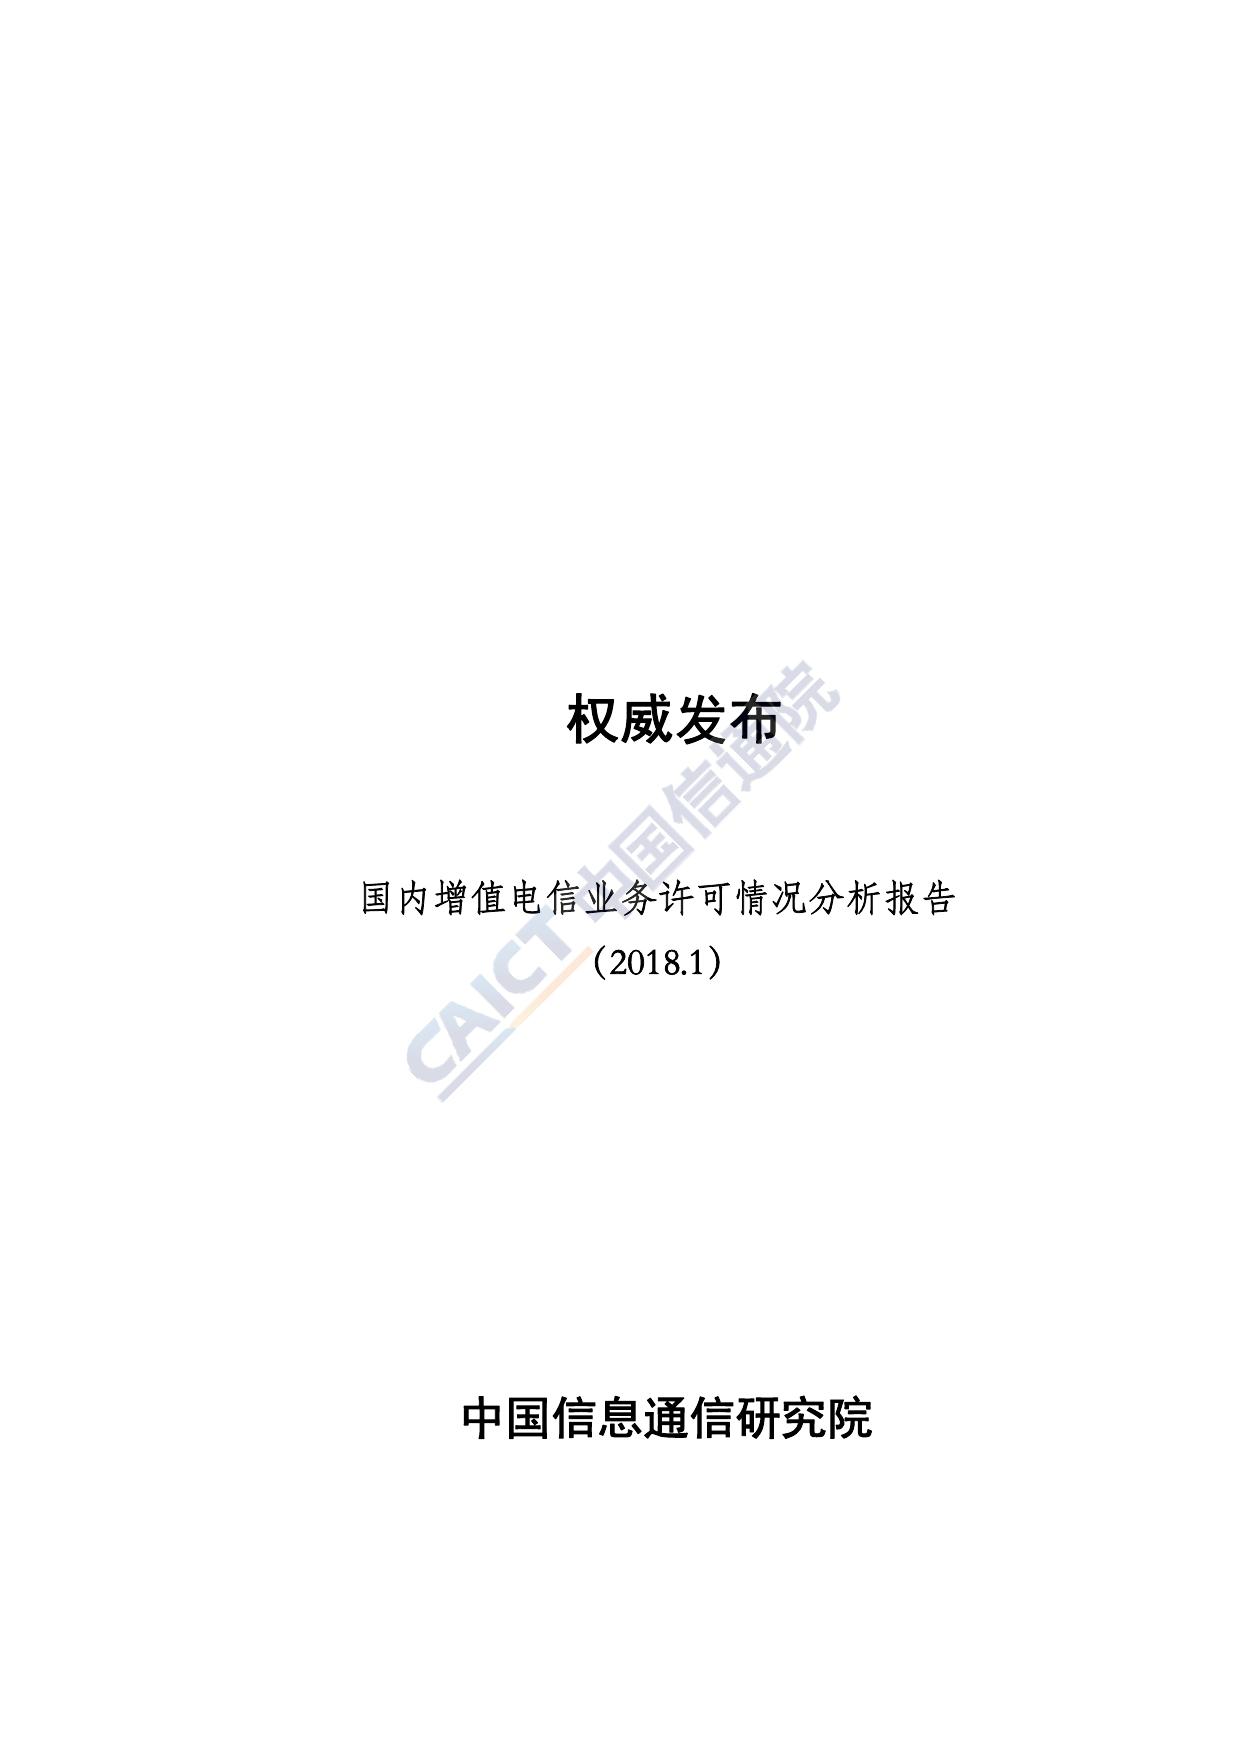 中国信通院:2018年1月中国增值电信业务许可情况分析报告(附下载)